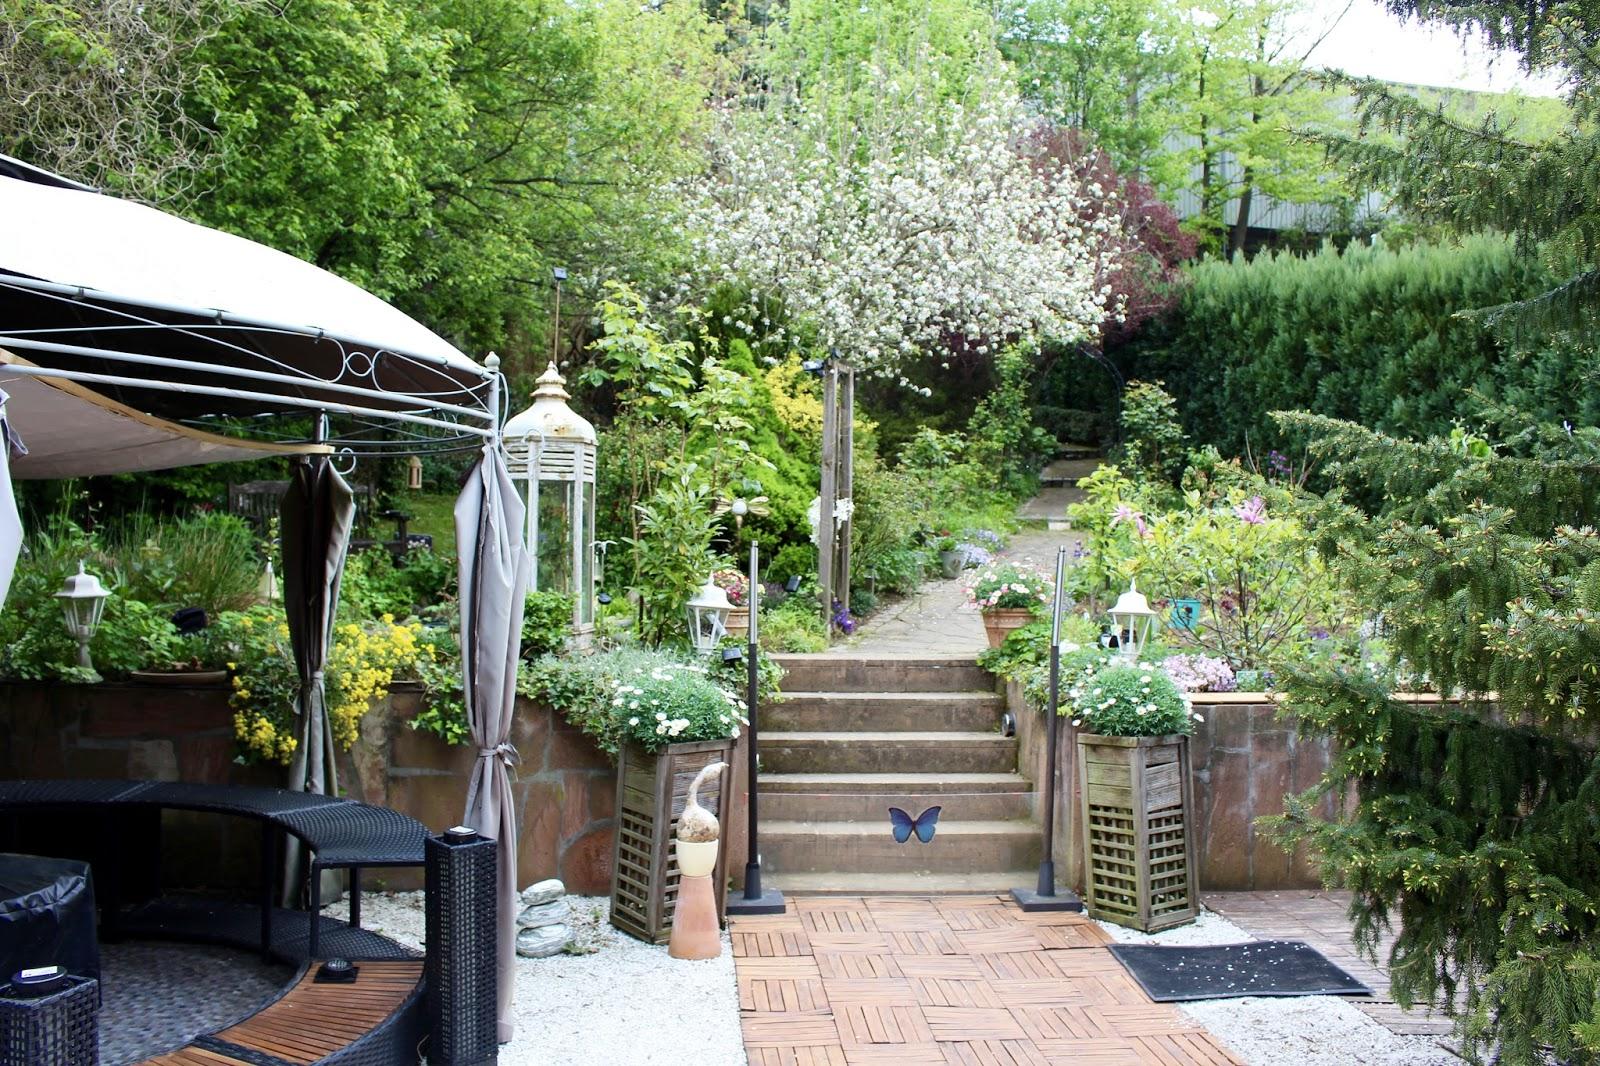 Unsere Terrasse am Haus mit Pavillon und Blick in den mittleren Teil des Gartens